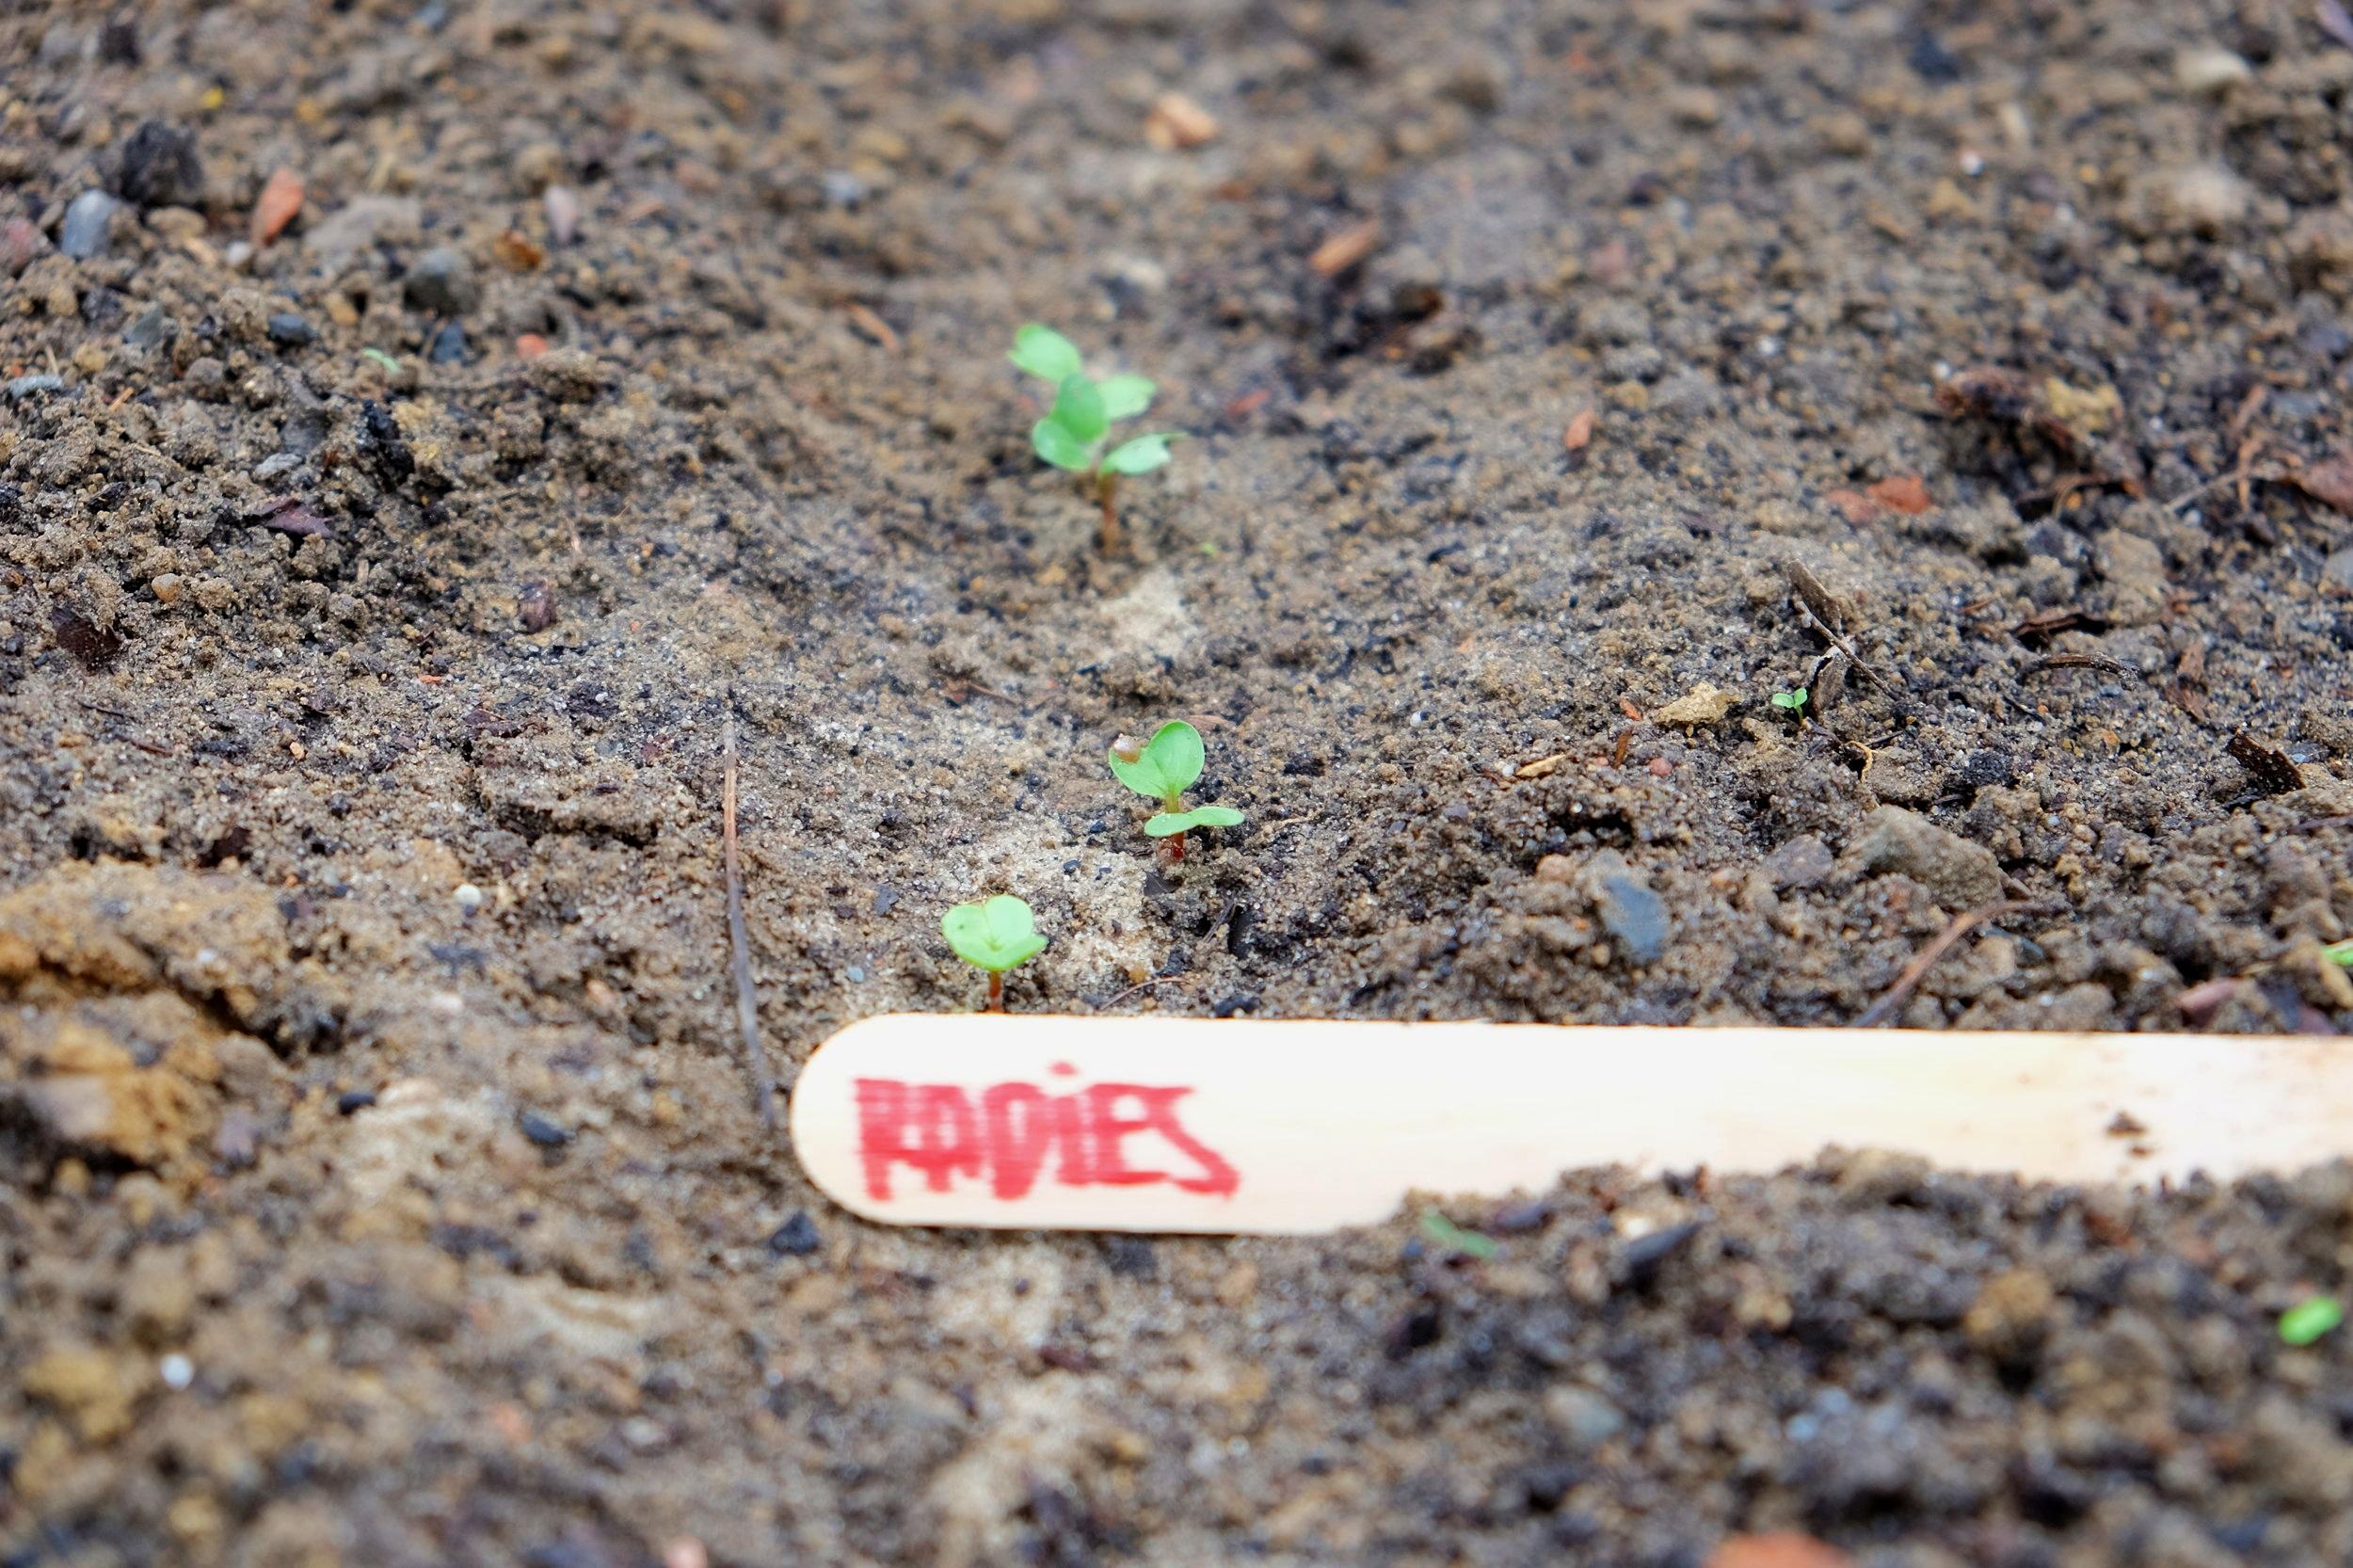 Woche 1 & 2 - Lass' das Radieschen-Beet in der ersten Woche ruhen. Erst wenn in der zweiten Woche die ersten Keimlinge in Reihen aufgehen, können kleine Unkrautpflanzen von Hand herausgezogen werden.